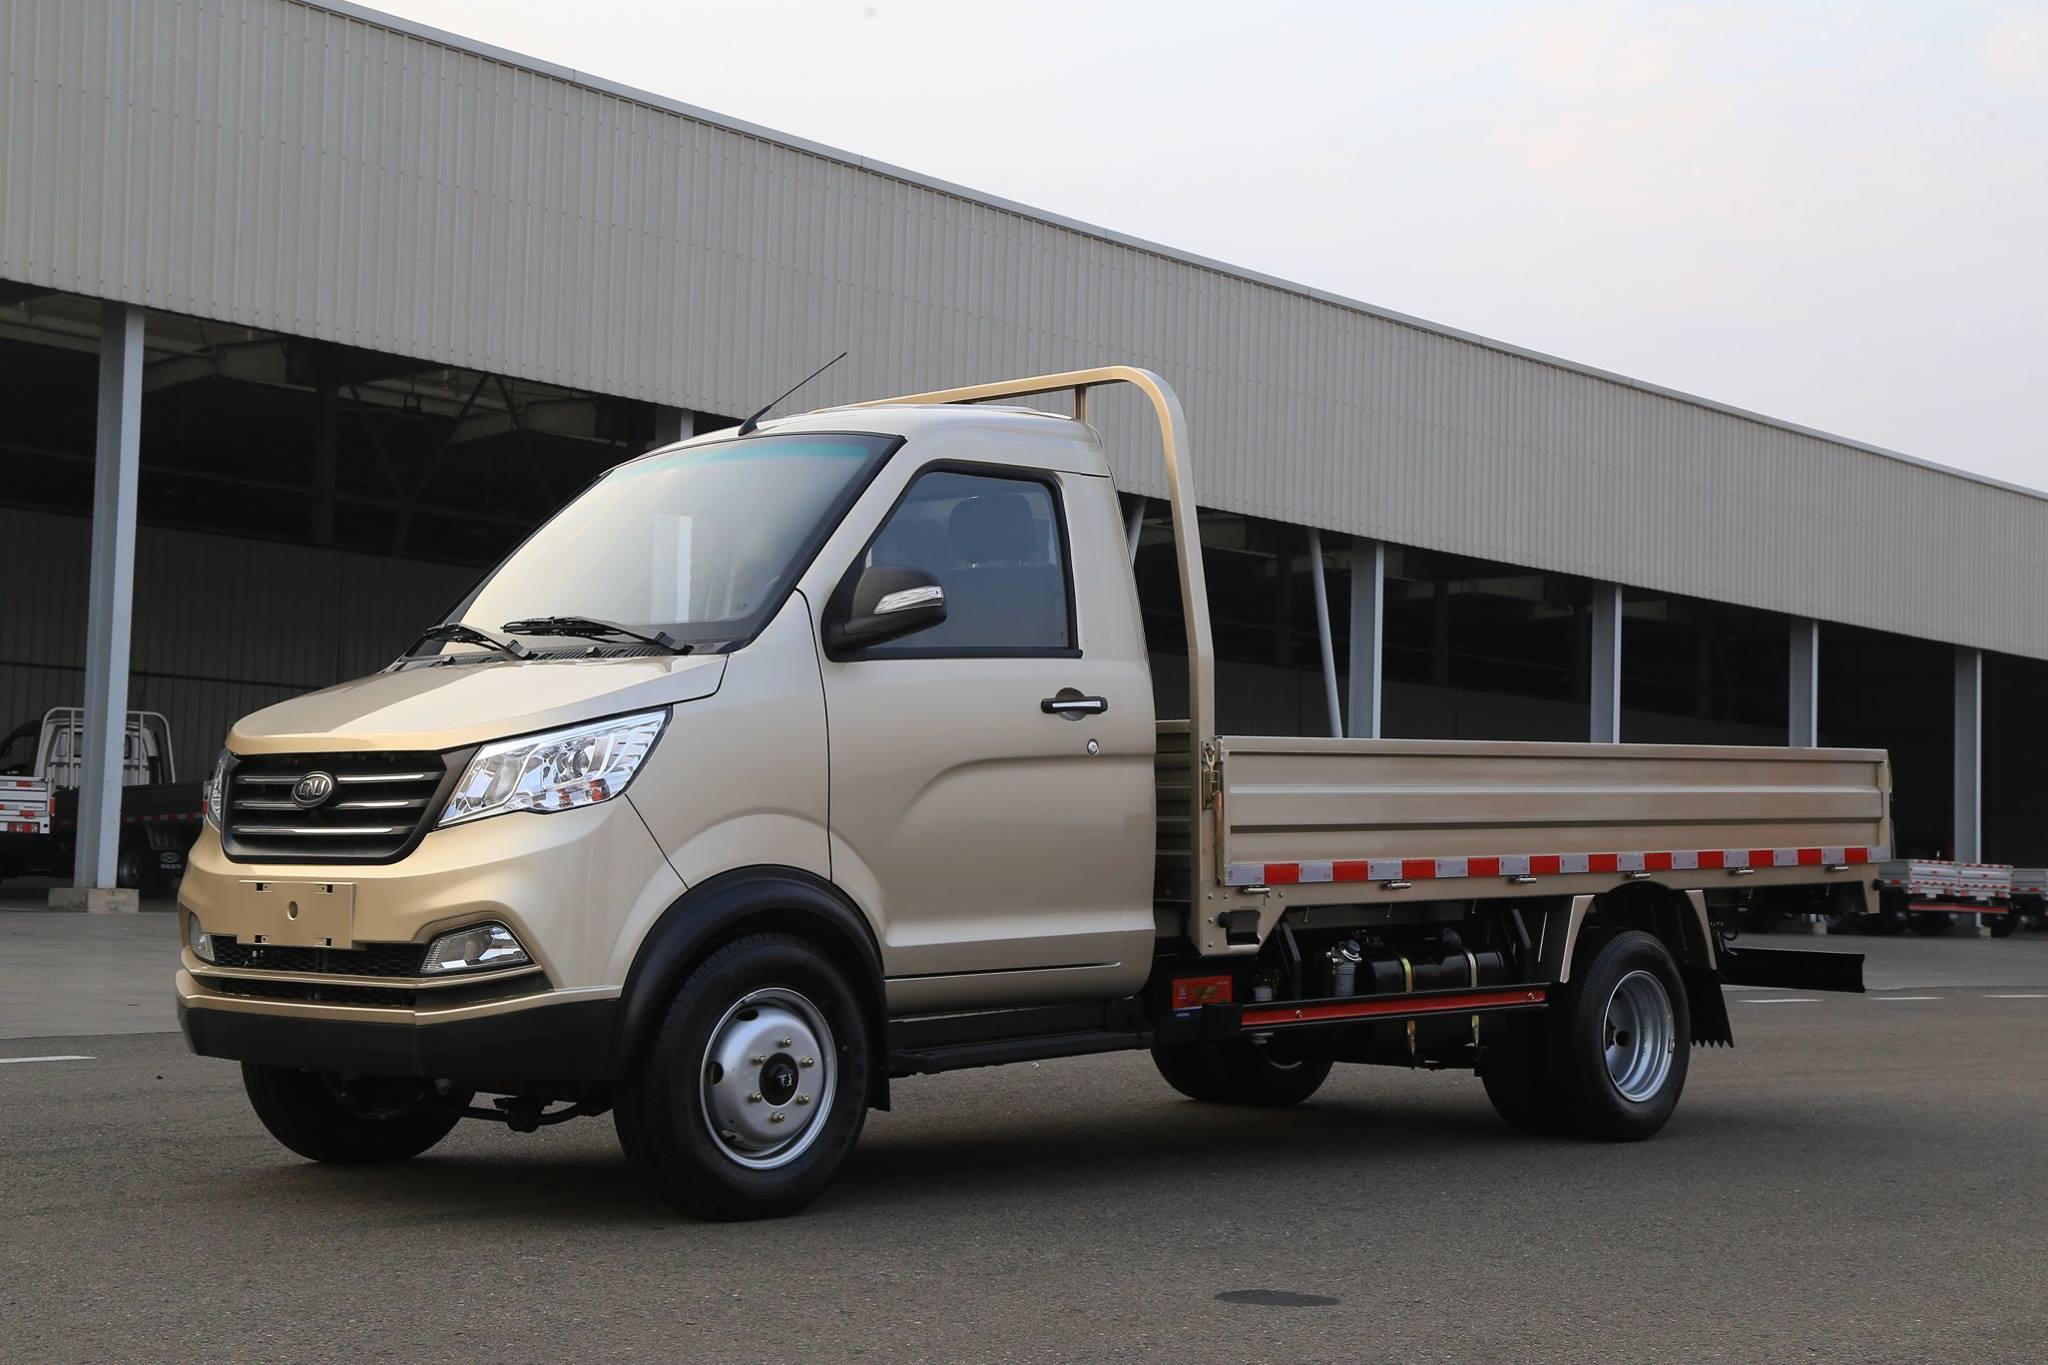 Cnj-kleine-vrachtwagens